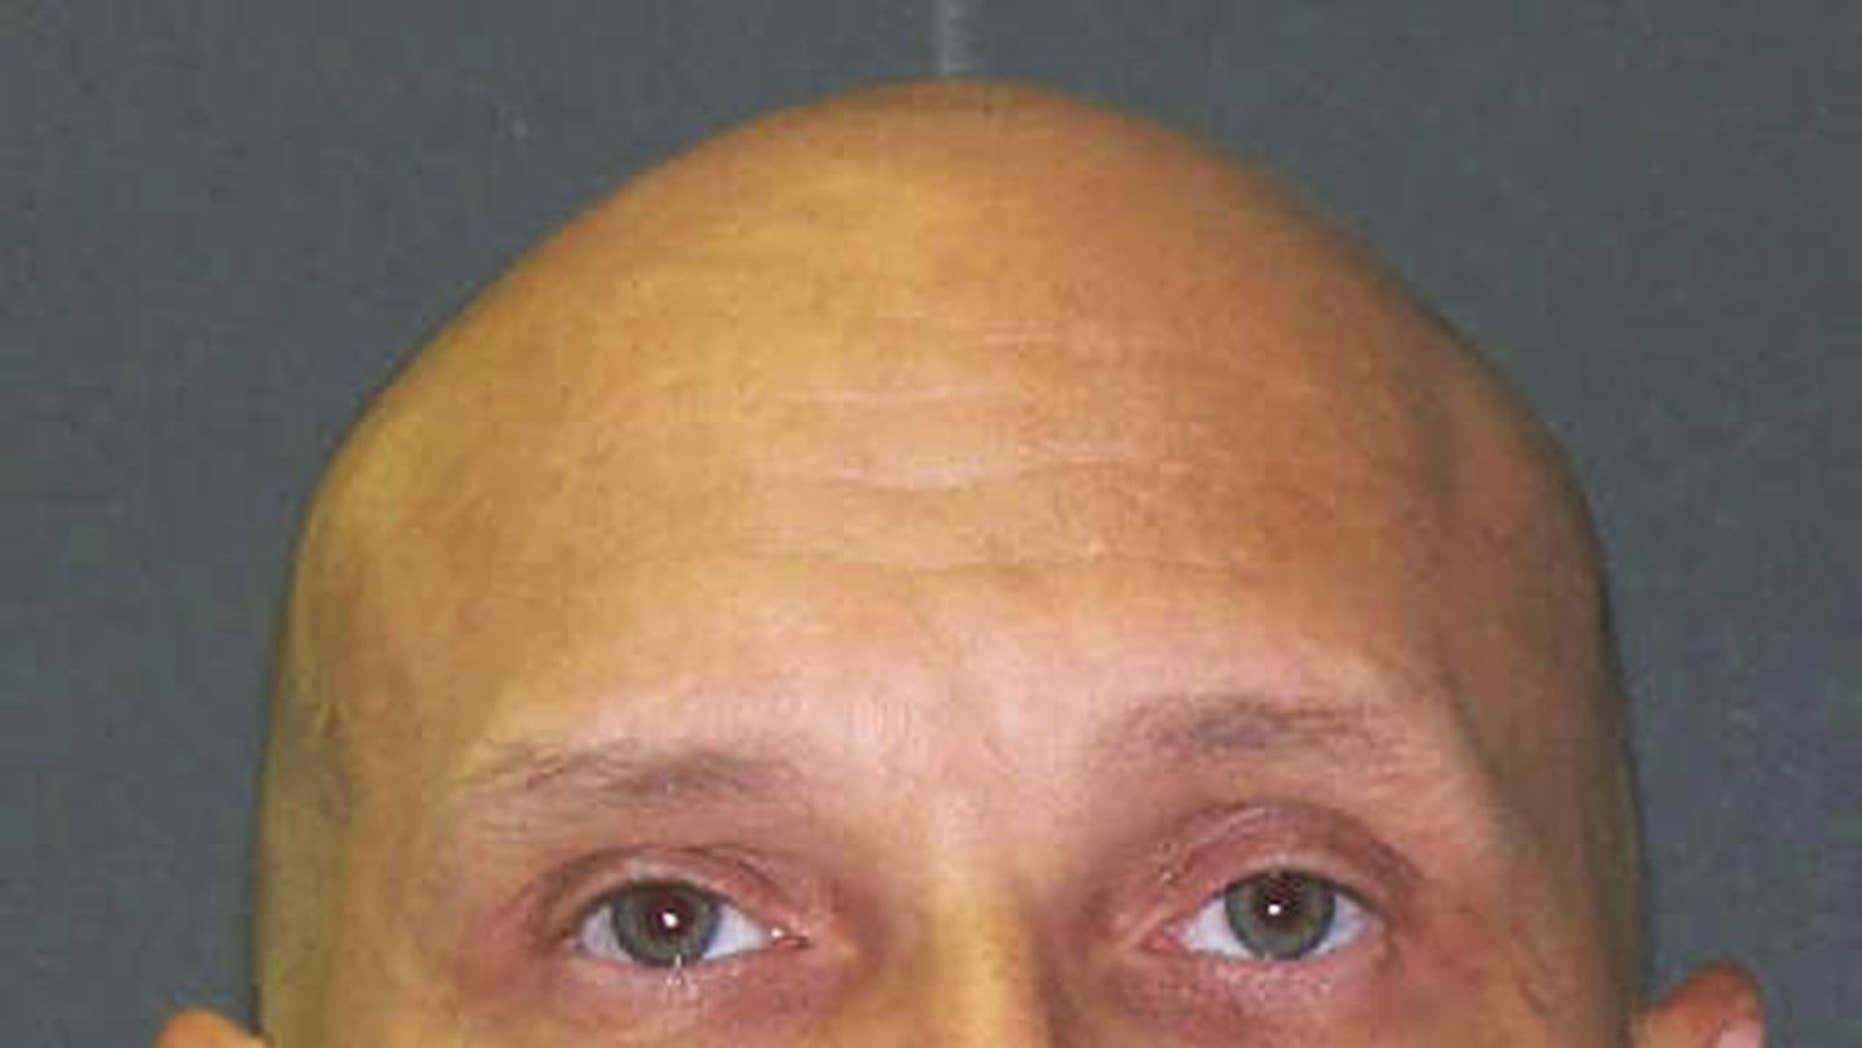 Foto sin fecha distribuida por el Departamento de Justicia Criminal de Texas, del condenado a muerte Christopher Wilkins, cuya ejecución está prevista para el miércoles 11 de enero de 2017. (Texas Department of Criminal Justice via AP)